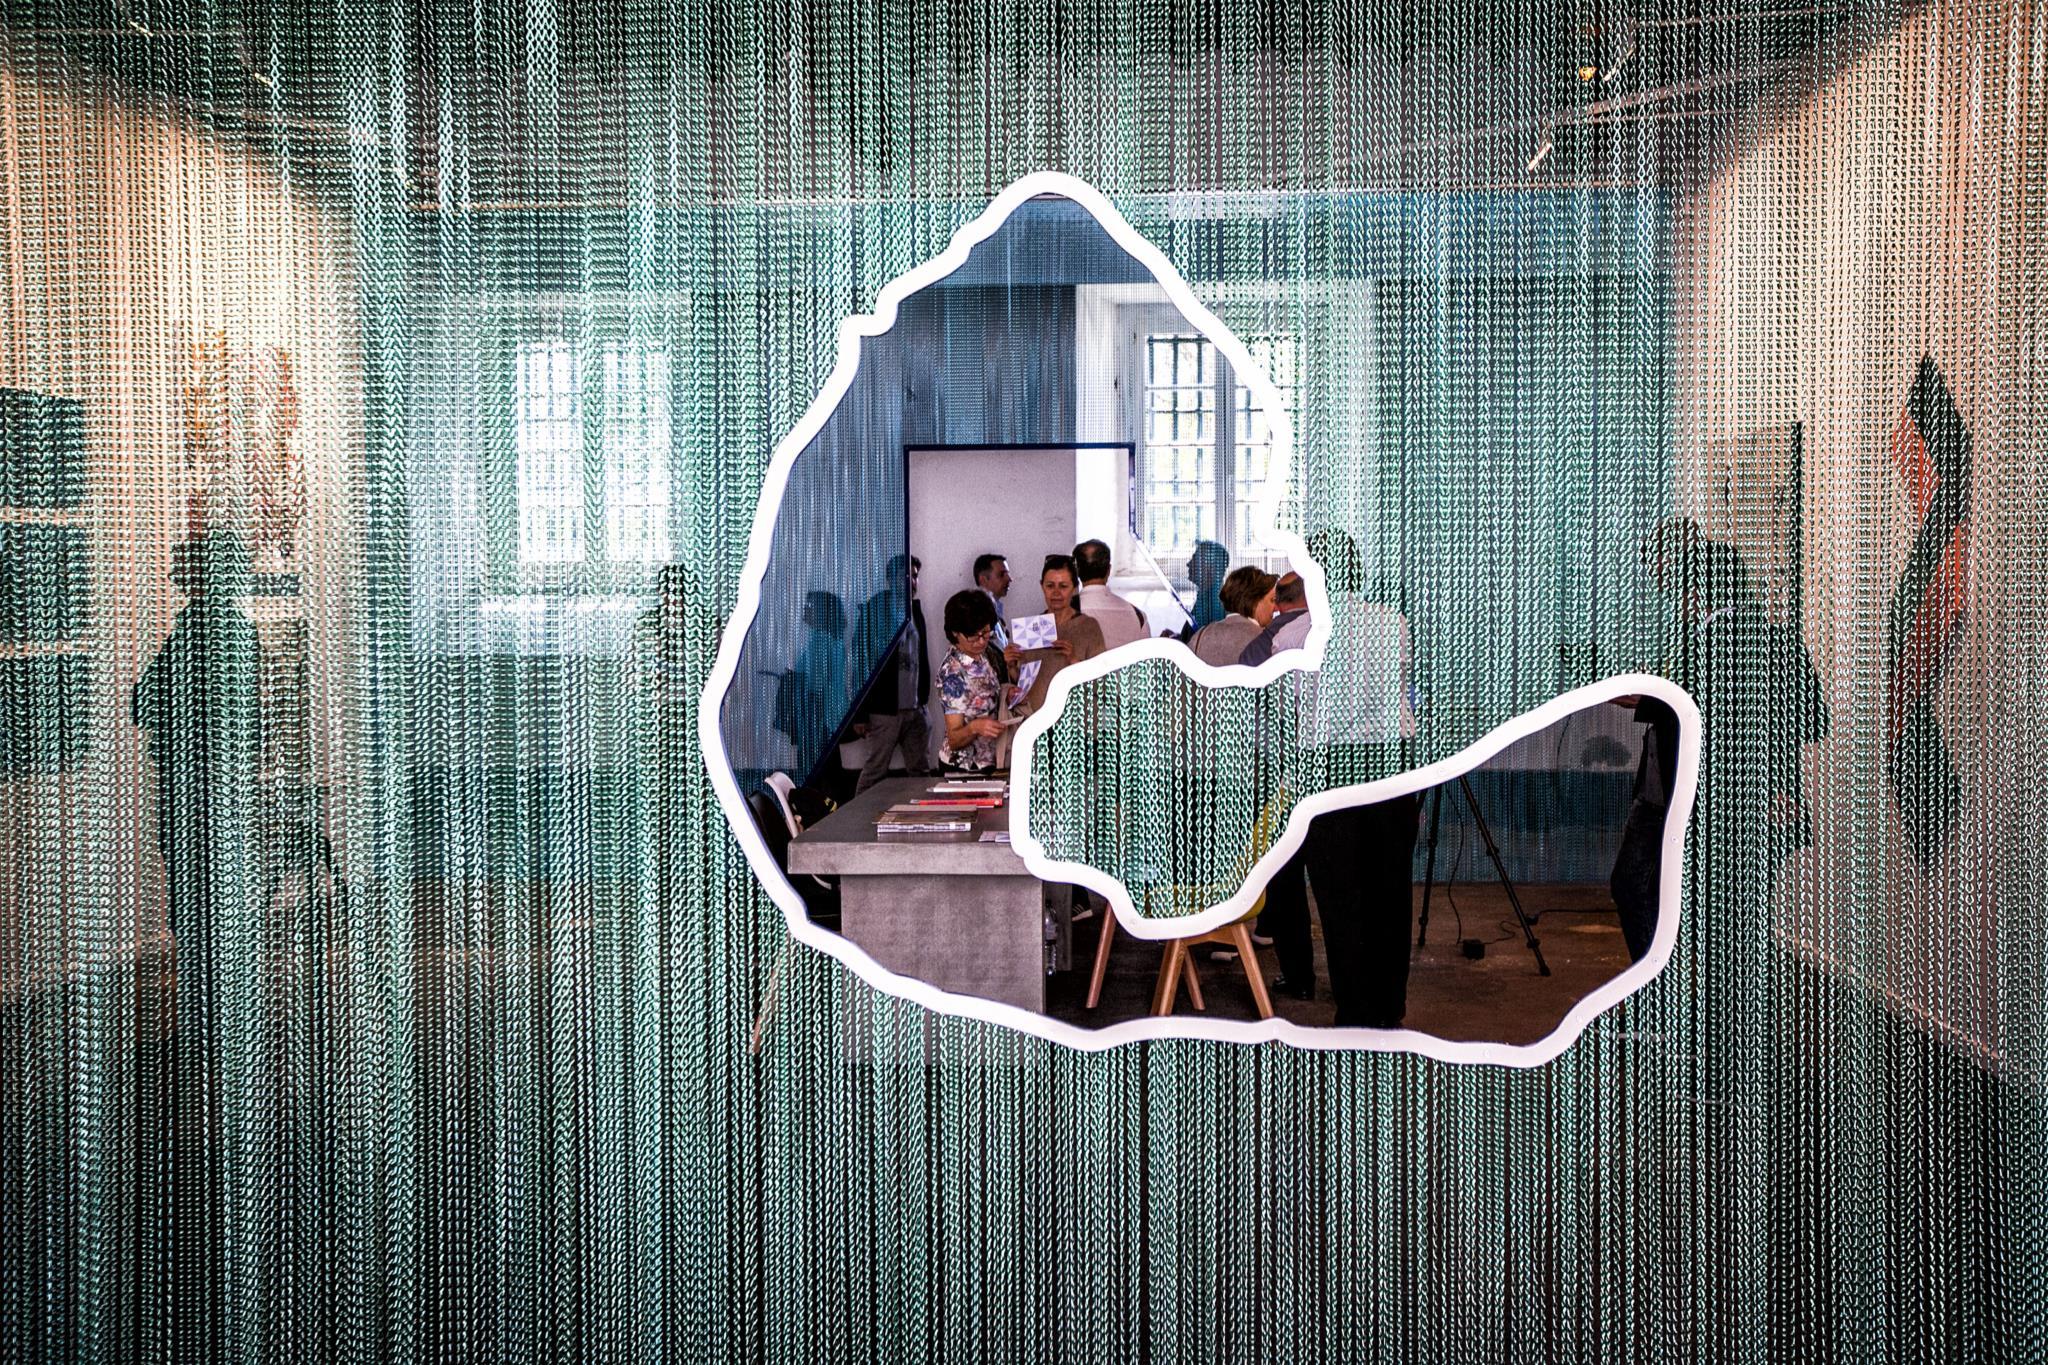 PÚBLICO - Já estão escolhidas as 50 galerias da próxima ARCOlisboa